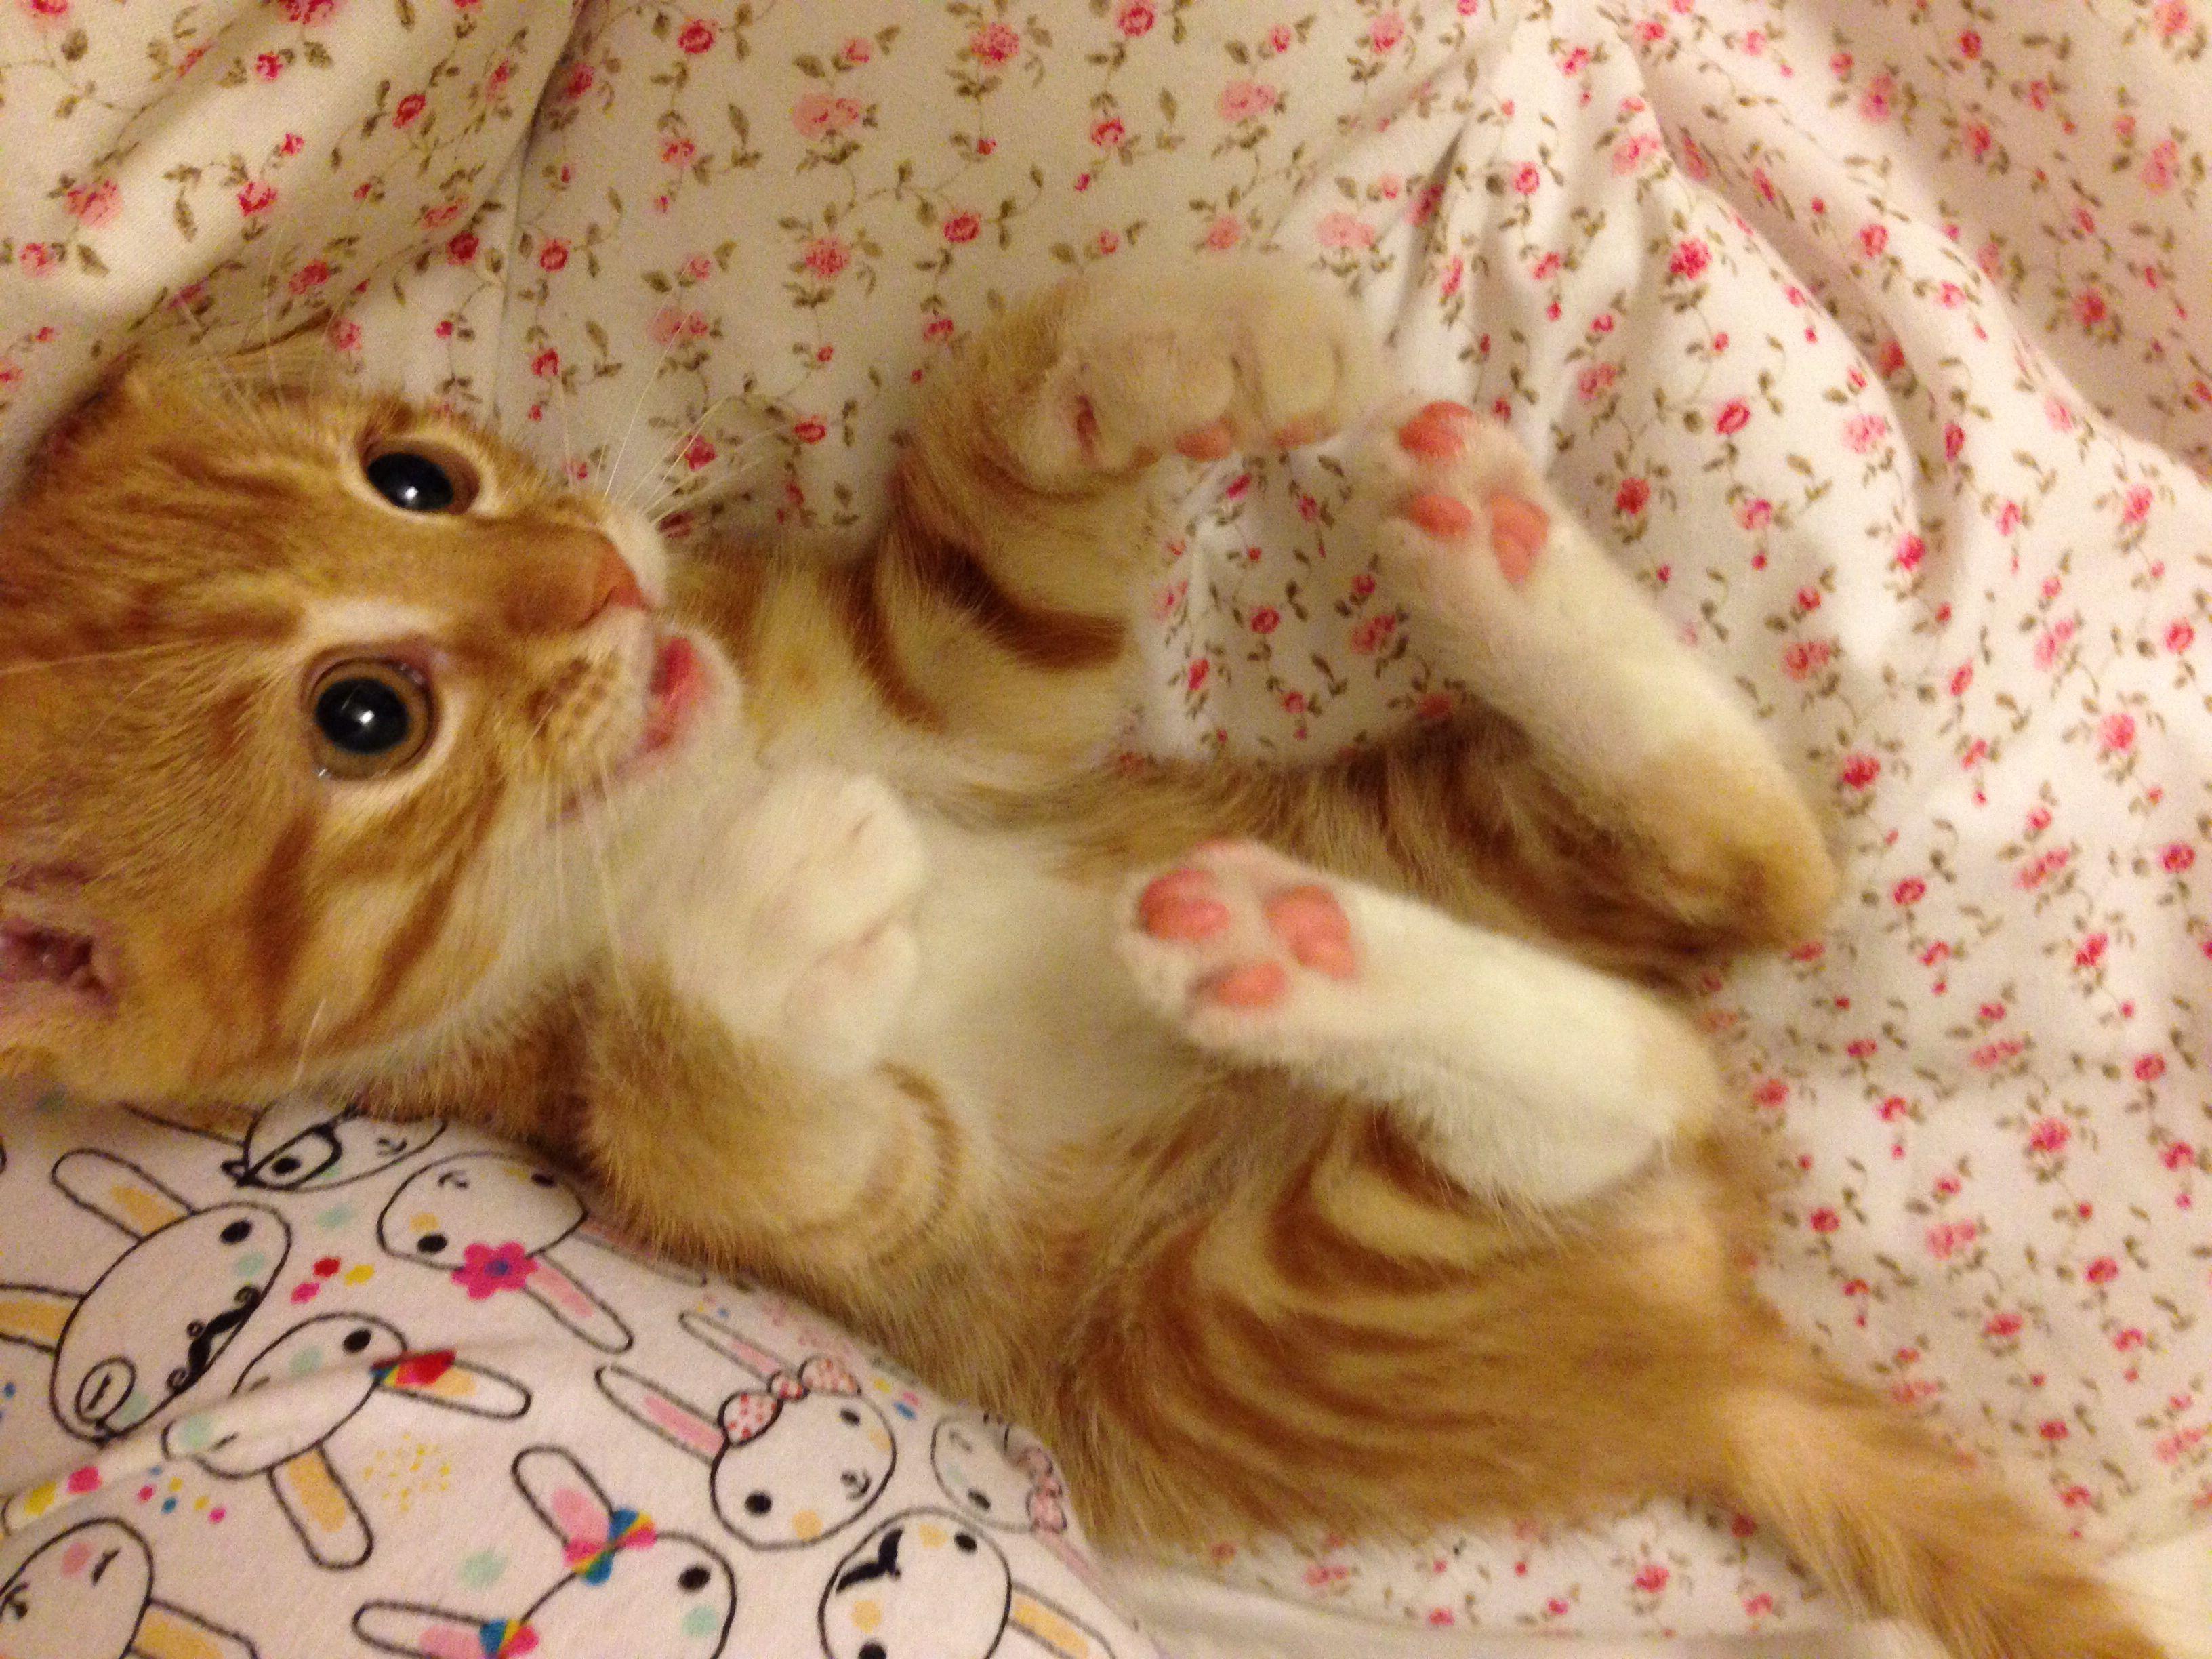 Playful ginger kitten Cats and kittens, Kittens, Cute